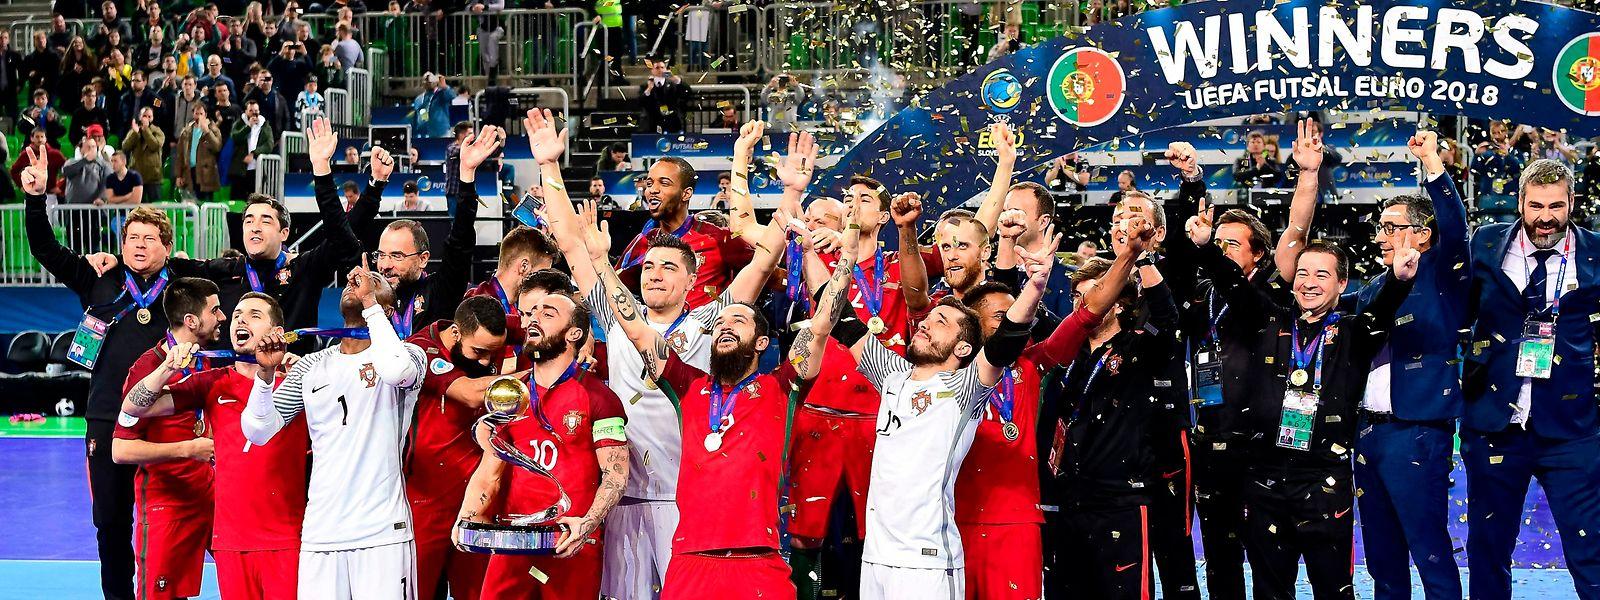 Vitória 3-2 frente à Espanha  Portugal campeão da Europa de futsal pela  primeira vez 66bbfdb0f501e